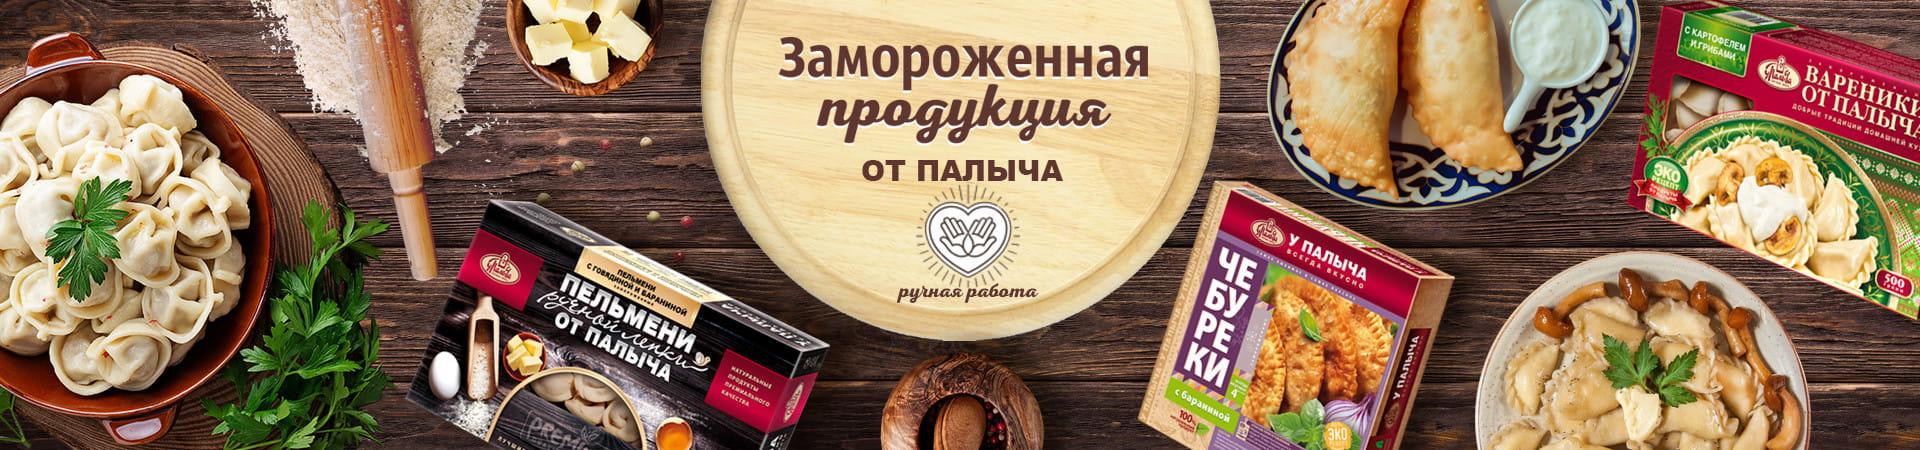 Скидка 15% на замороженную продукцию от Палыча